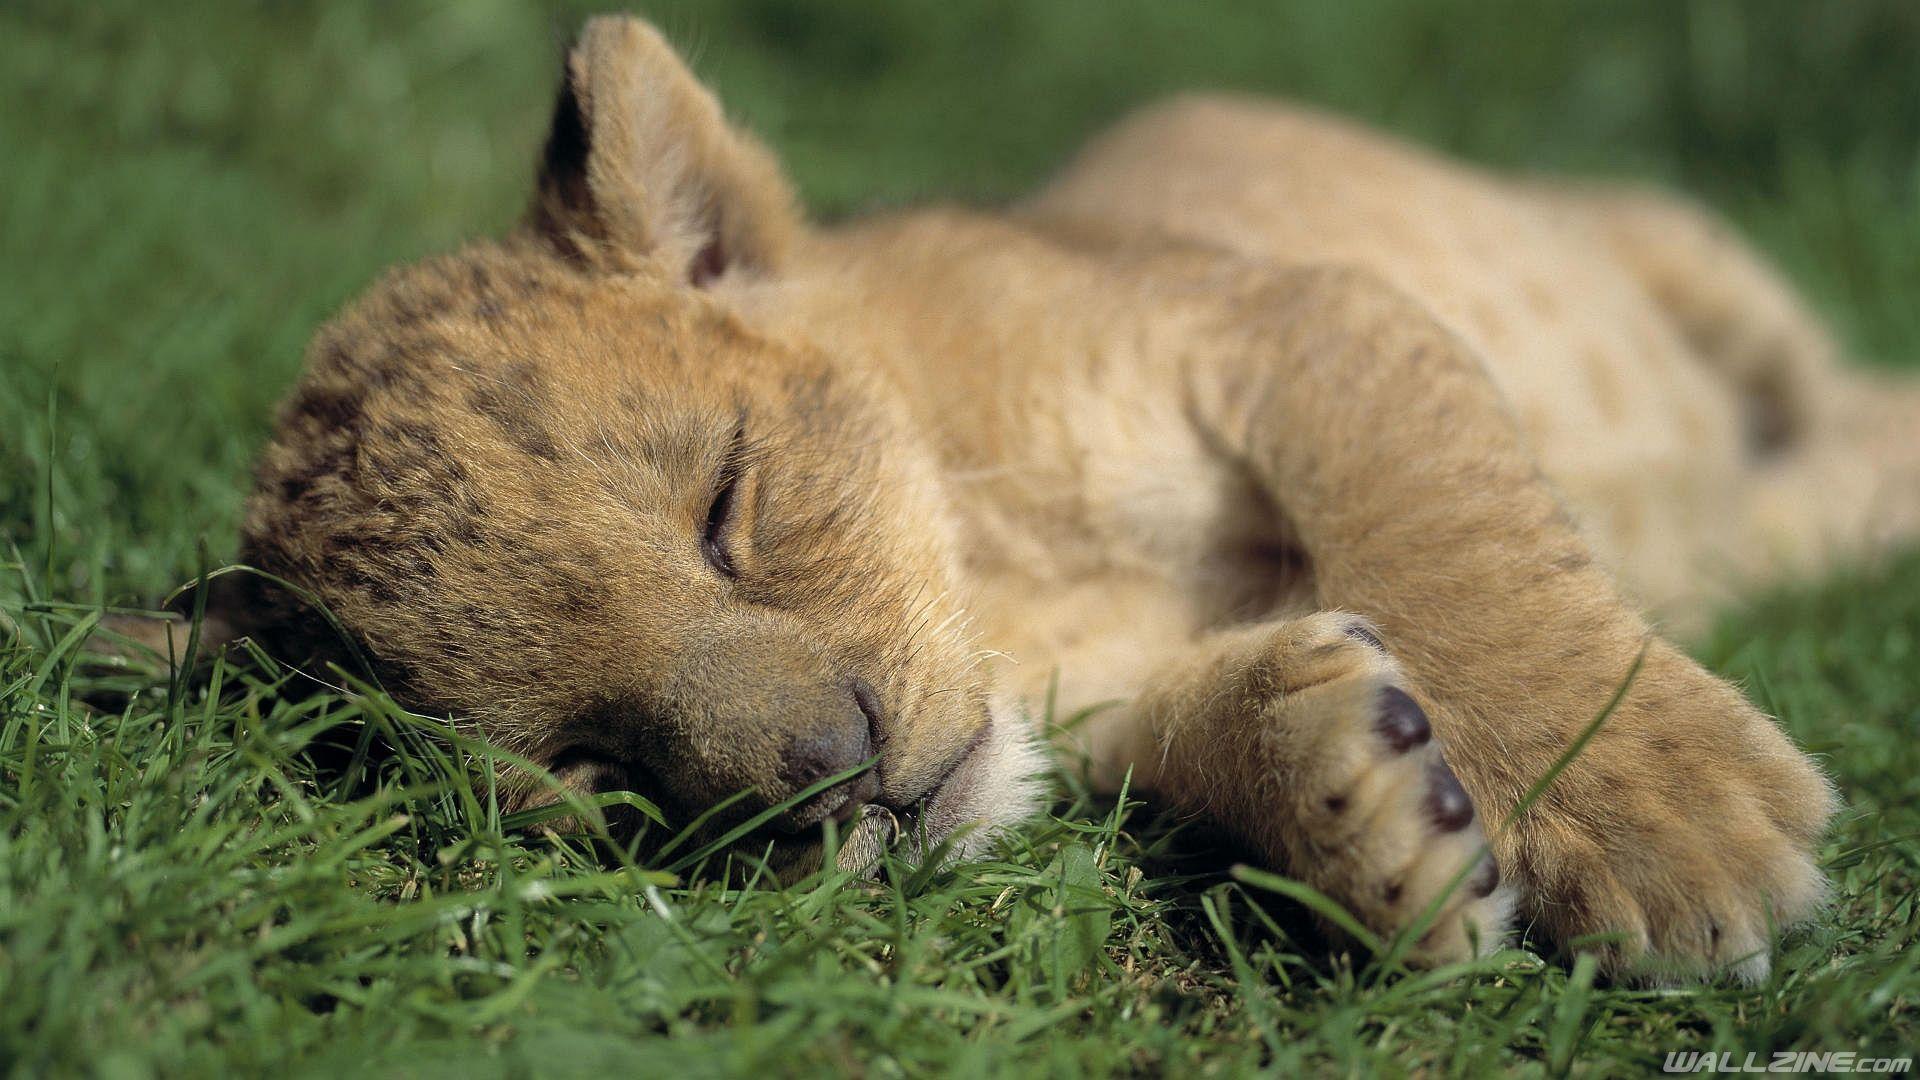 Lions Wallpaper Susseste Haustiere